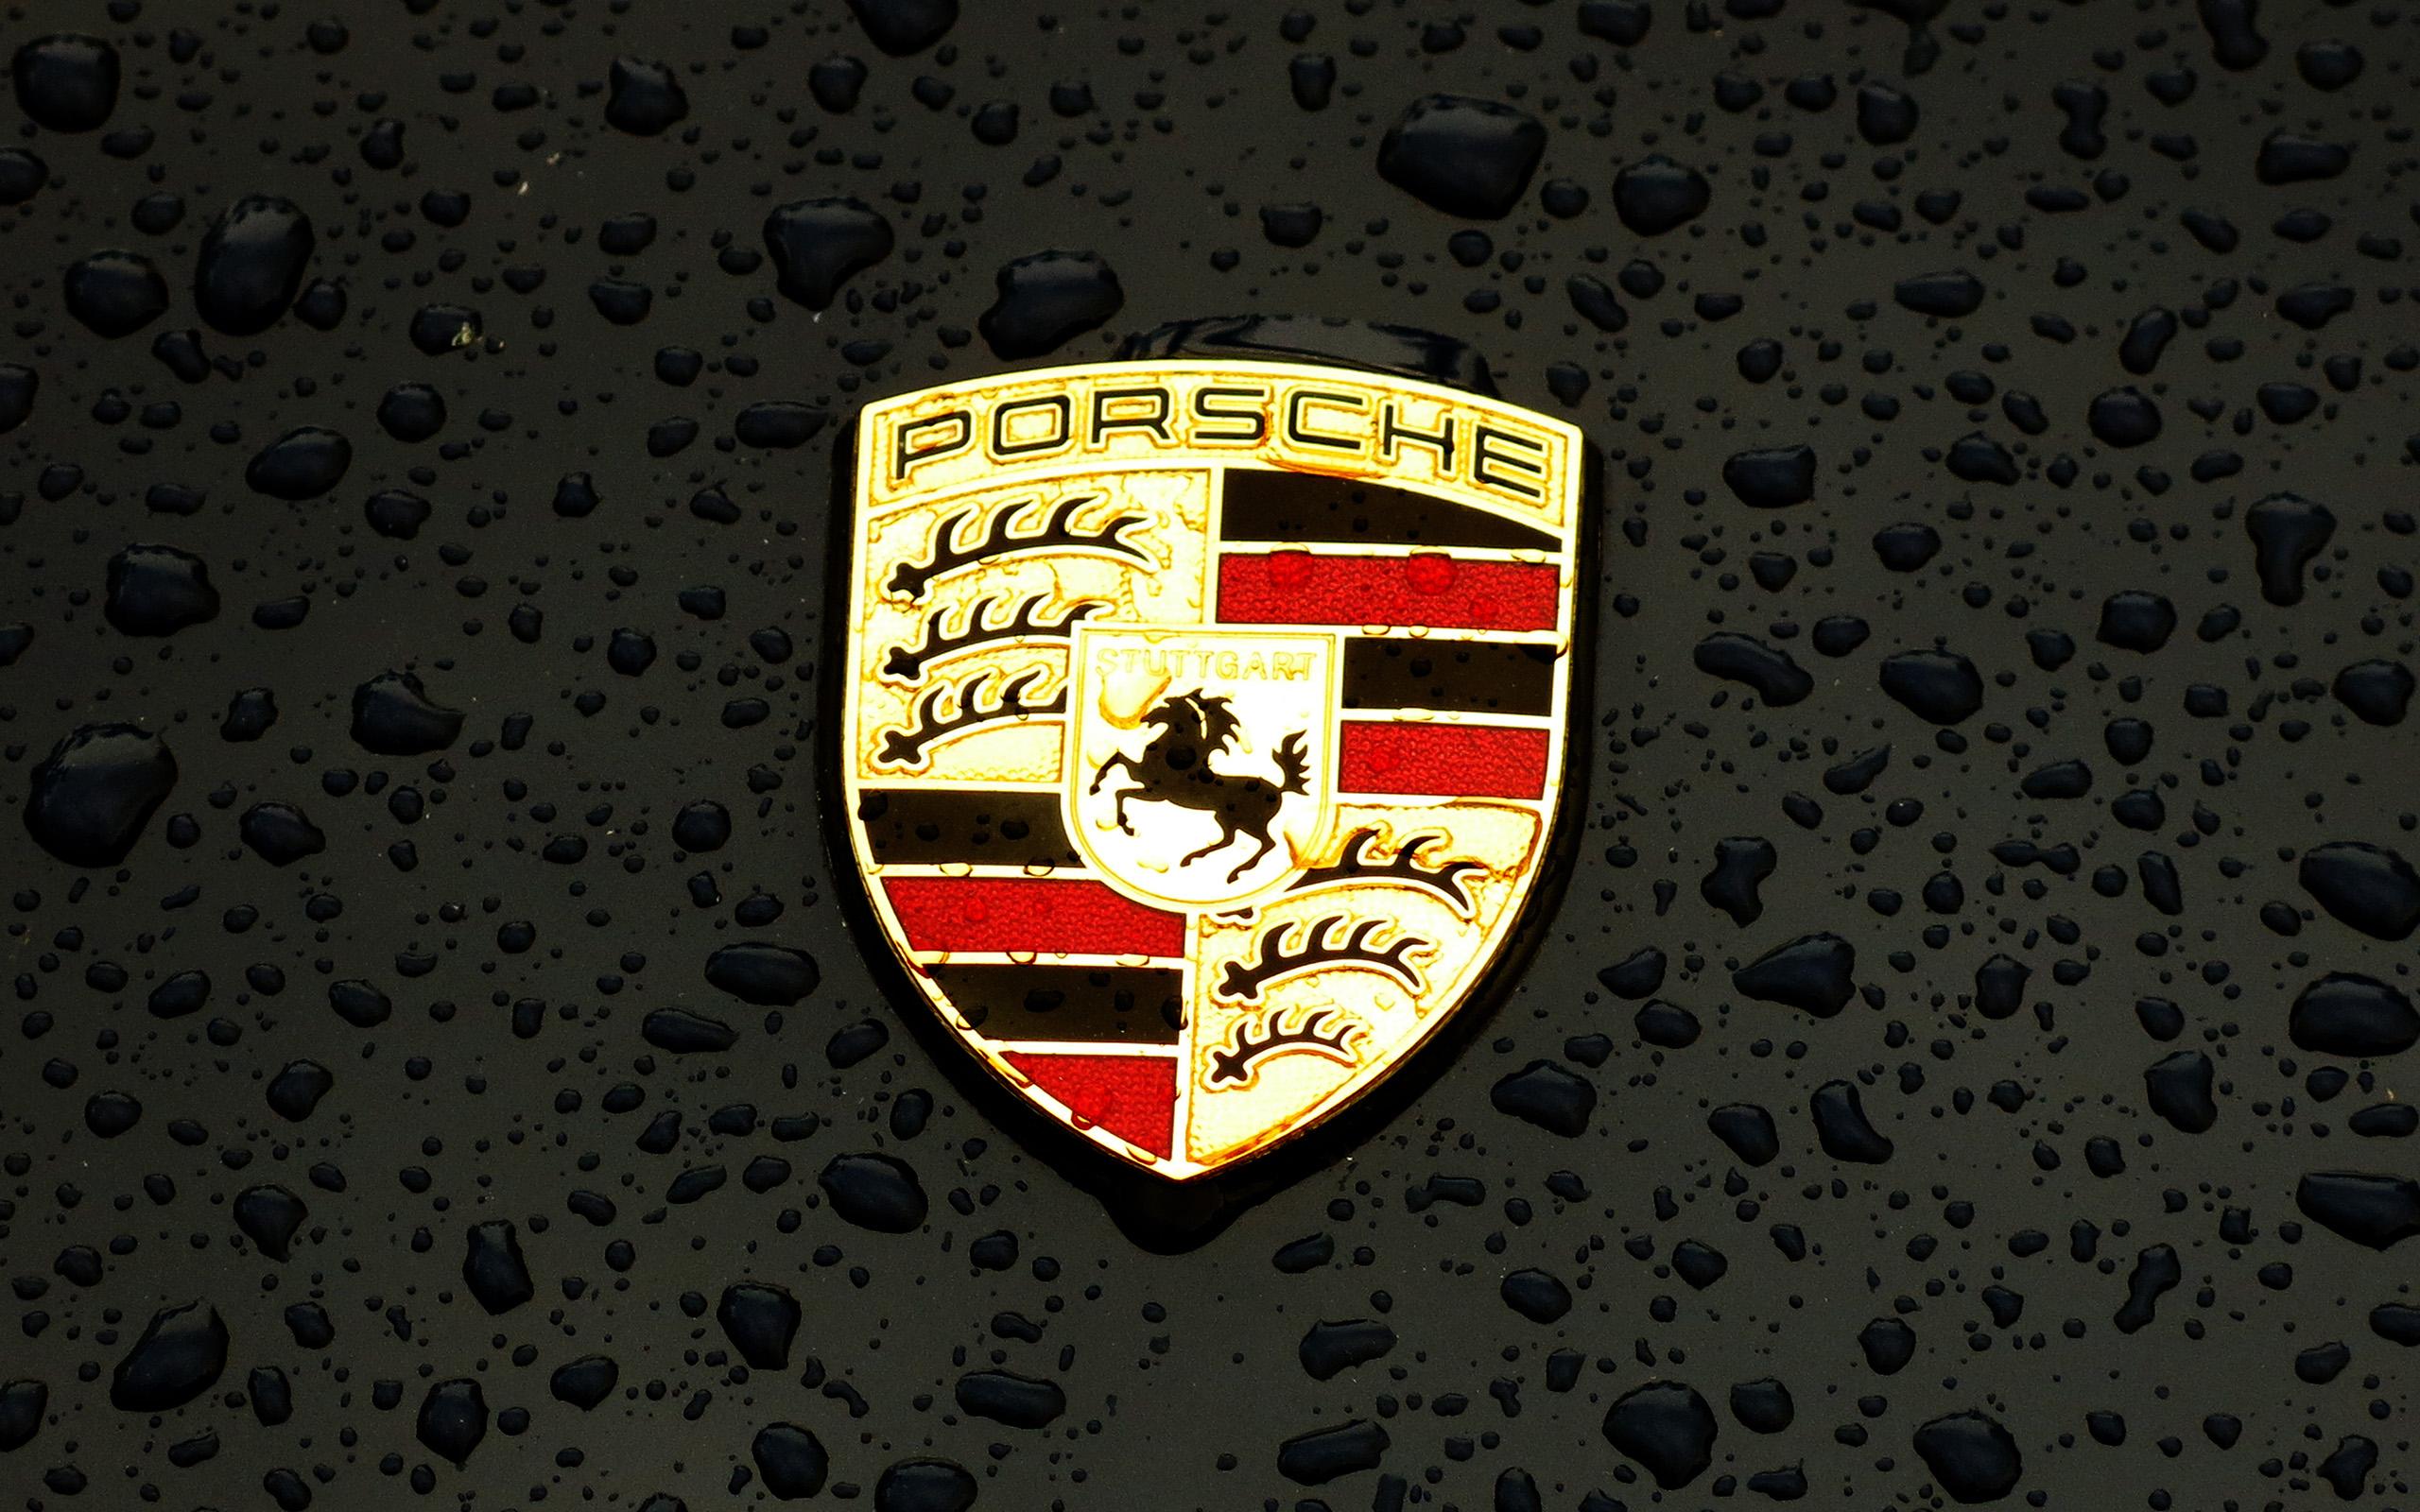 Hd Wallpapers For Nexus 5 Ax15 Porsche Logo Emblem Car Illustration Art Dark Wallpaper